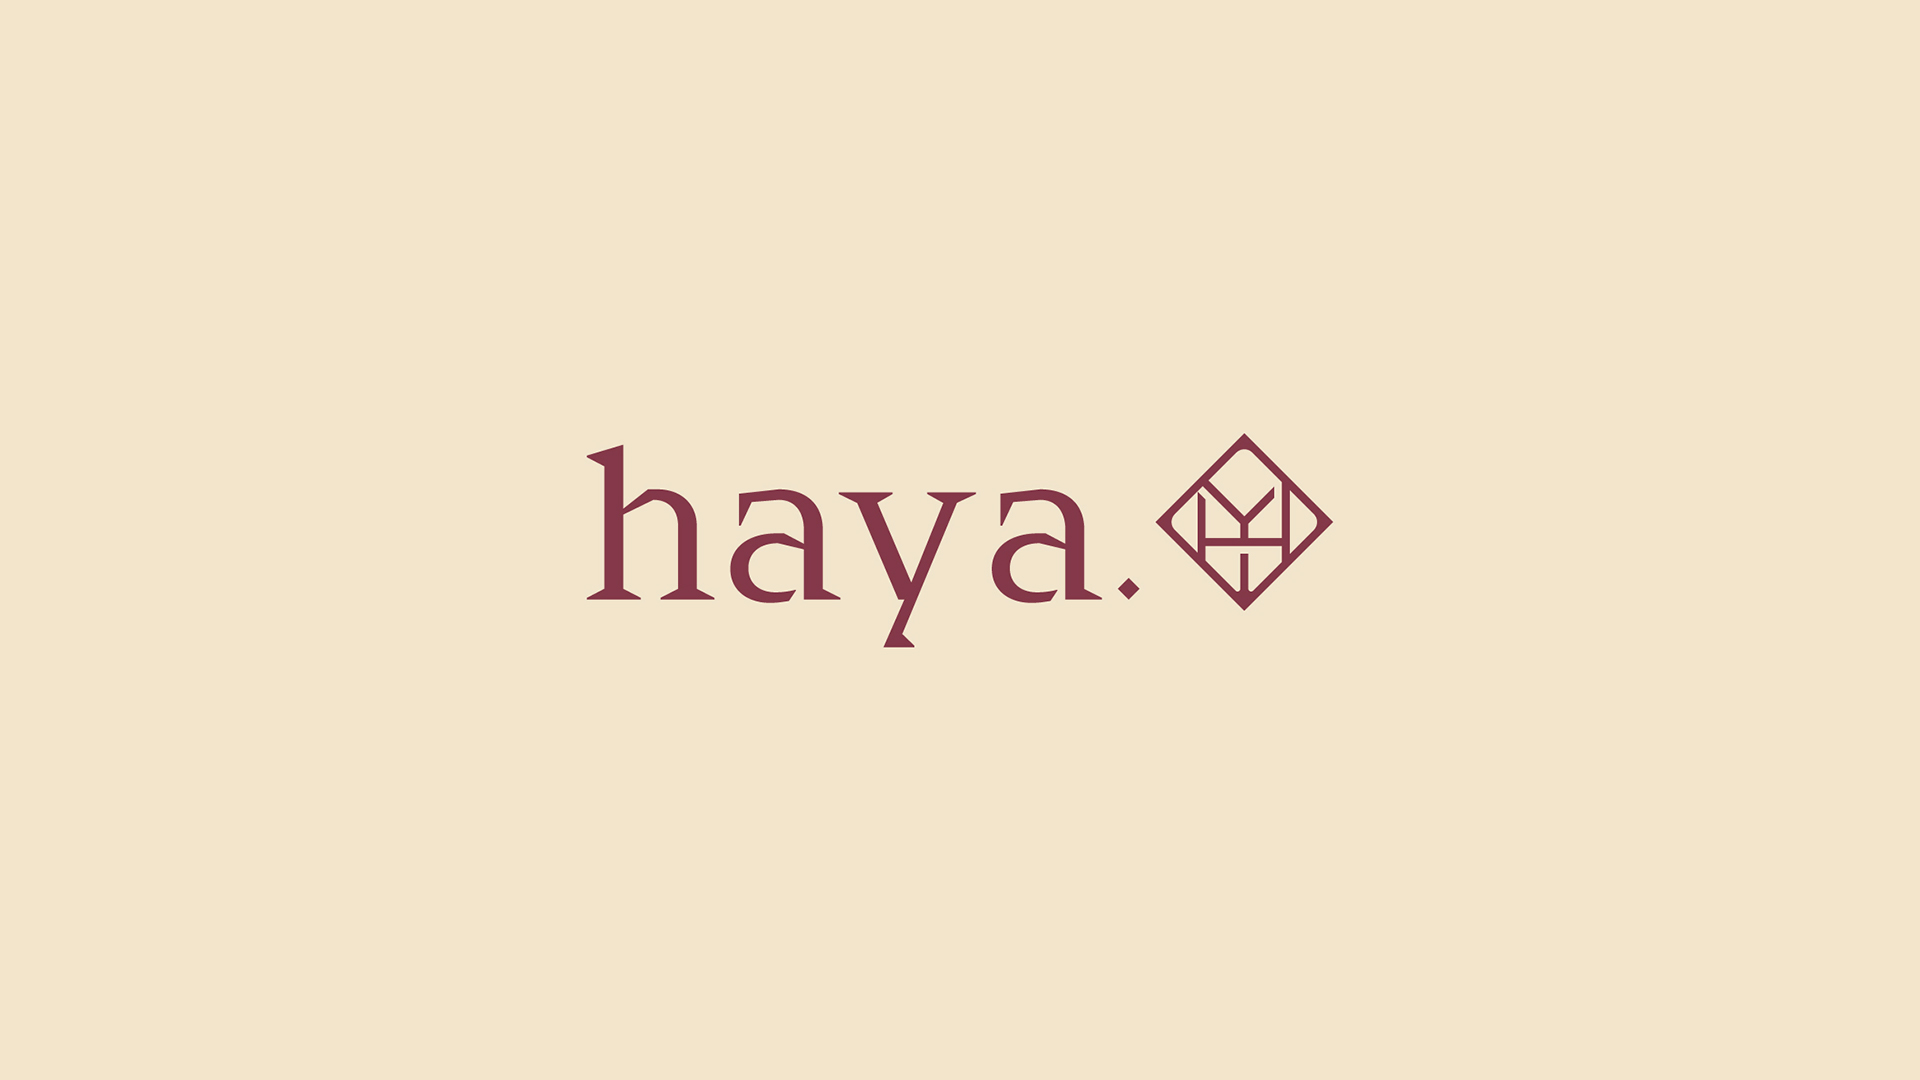 haya-02